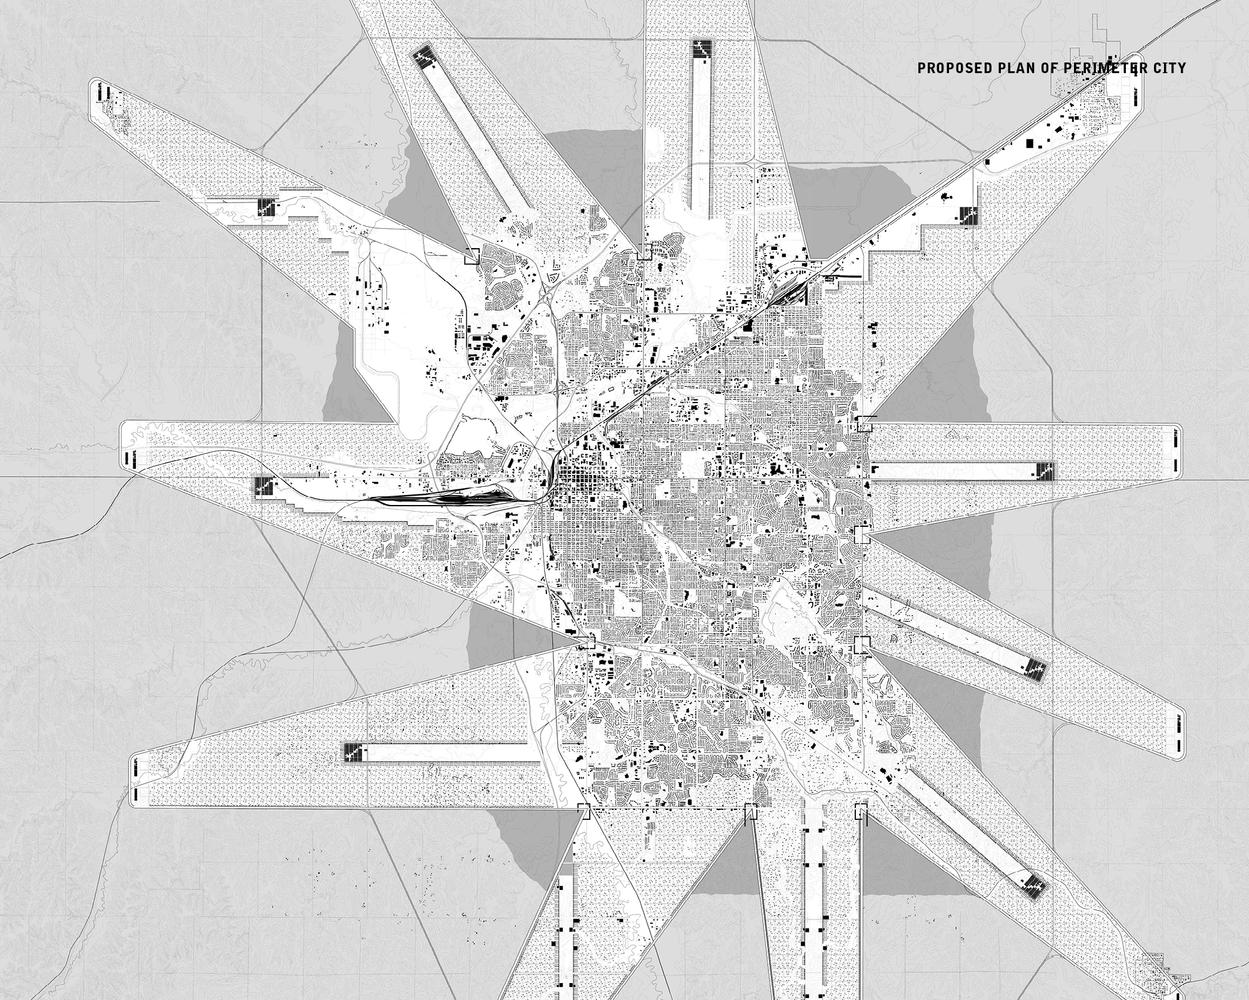 Perimeter City - Lincoln 2050